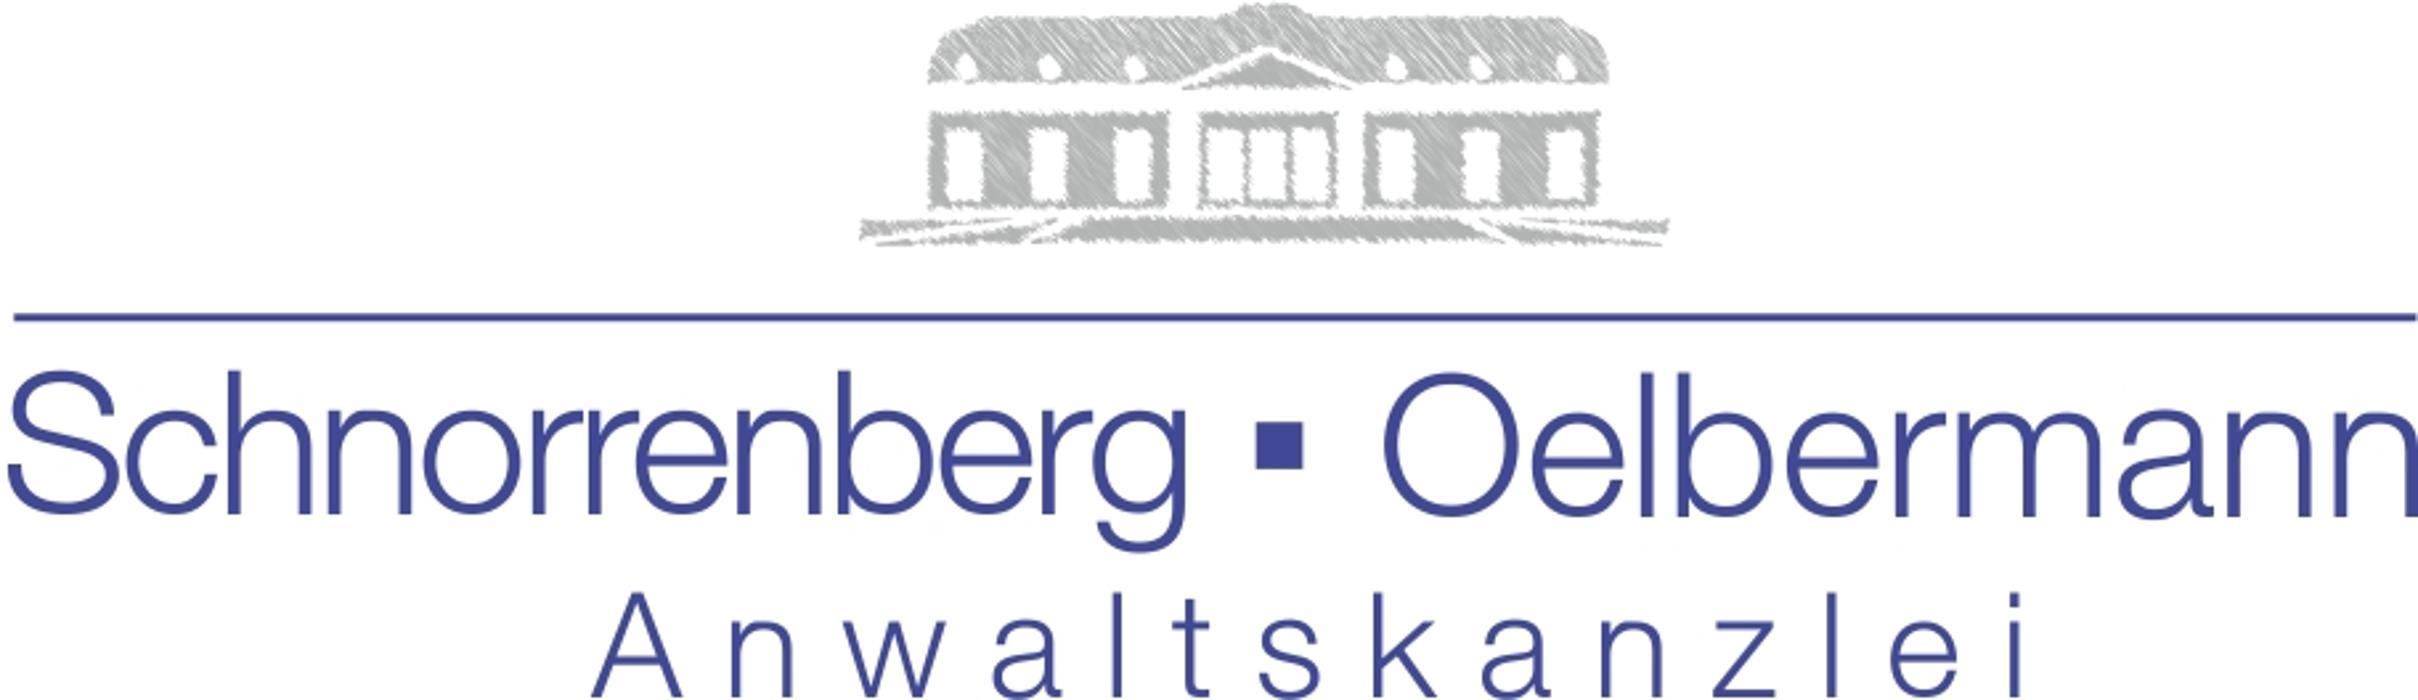 Bild zu Schnorrenberg Oelbermann Anwaltskanzlei in Düsseldorf